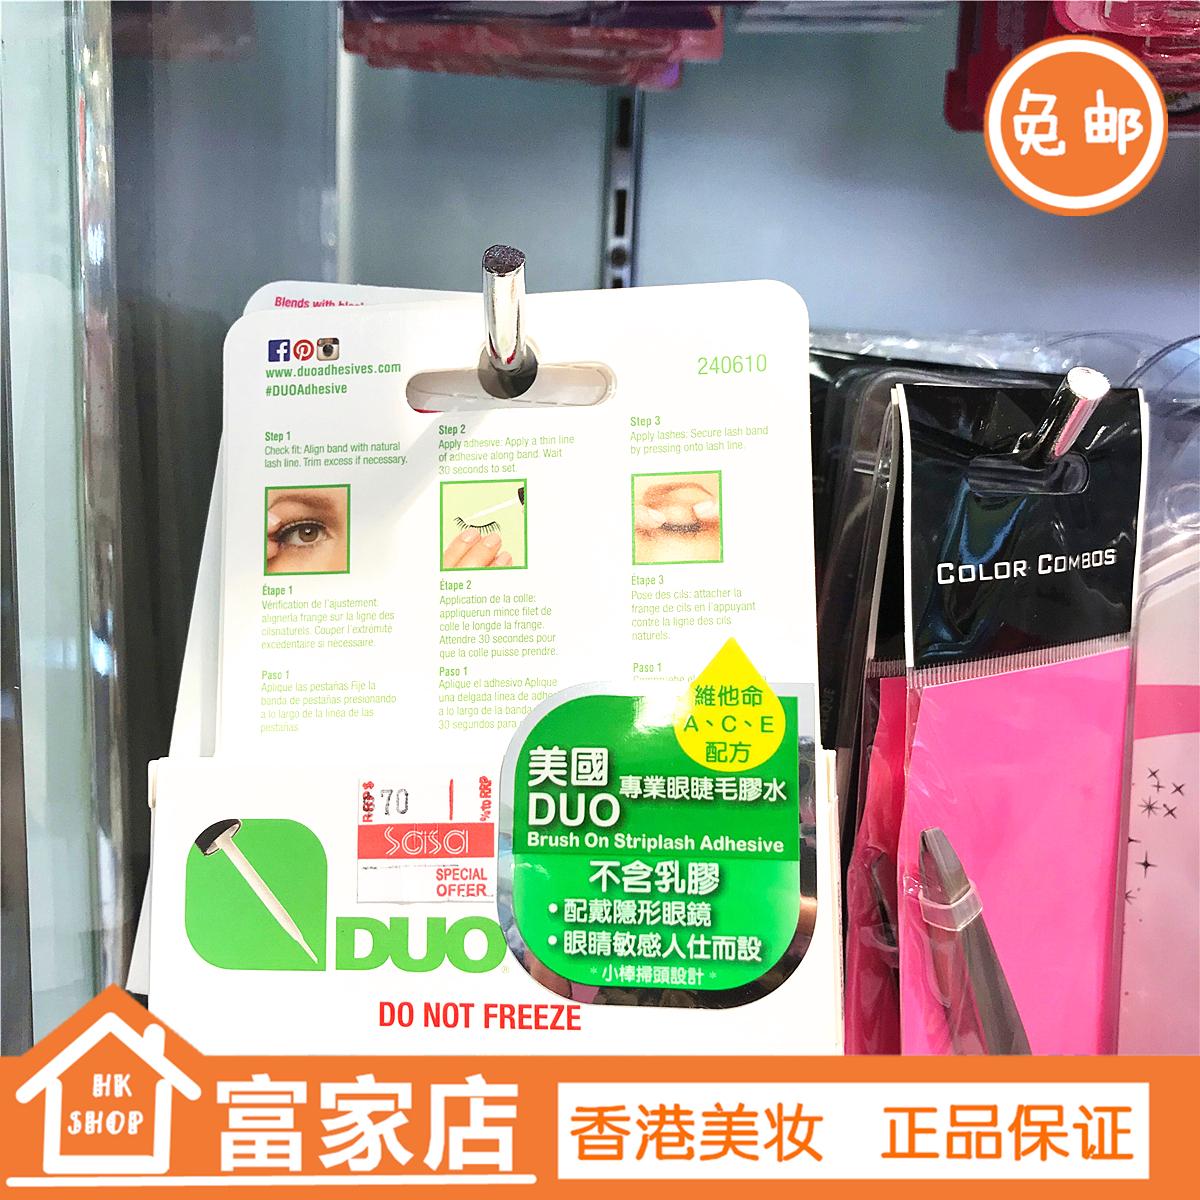 香港正品 美国 MAC DUO假睫毛胶水防过敏睫毛胶超粘透明  绿盒5g